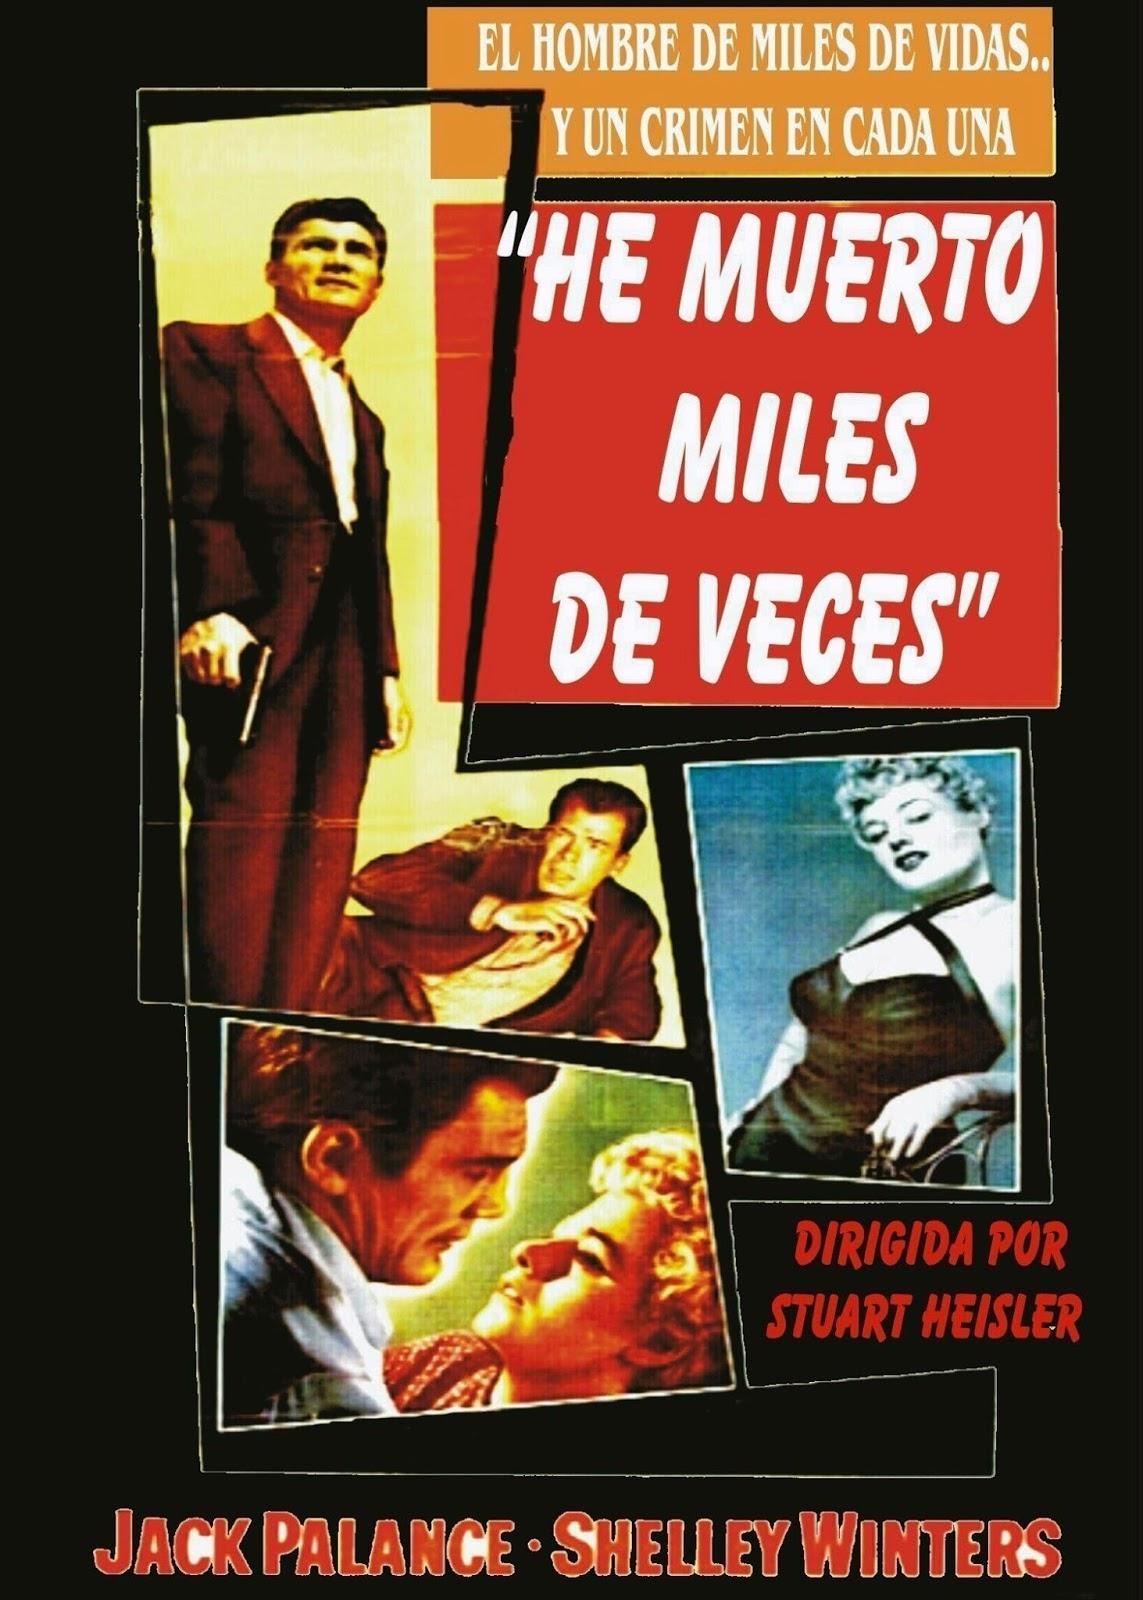 He Muerto Miles De Veces (1955)